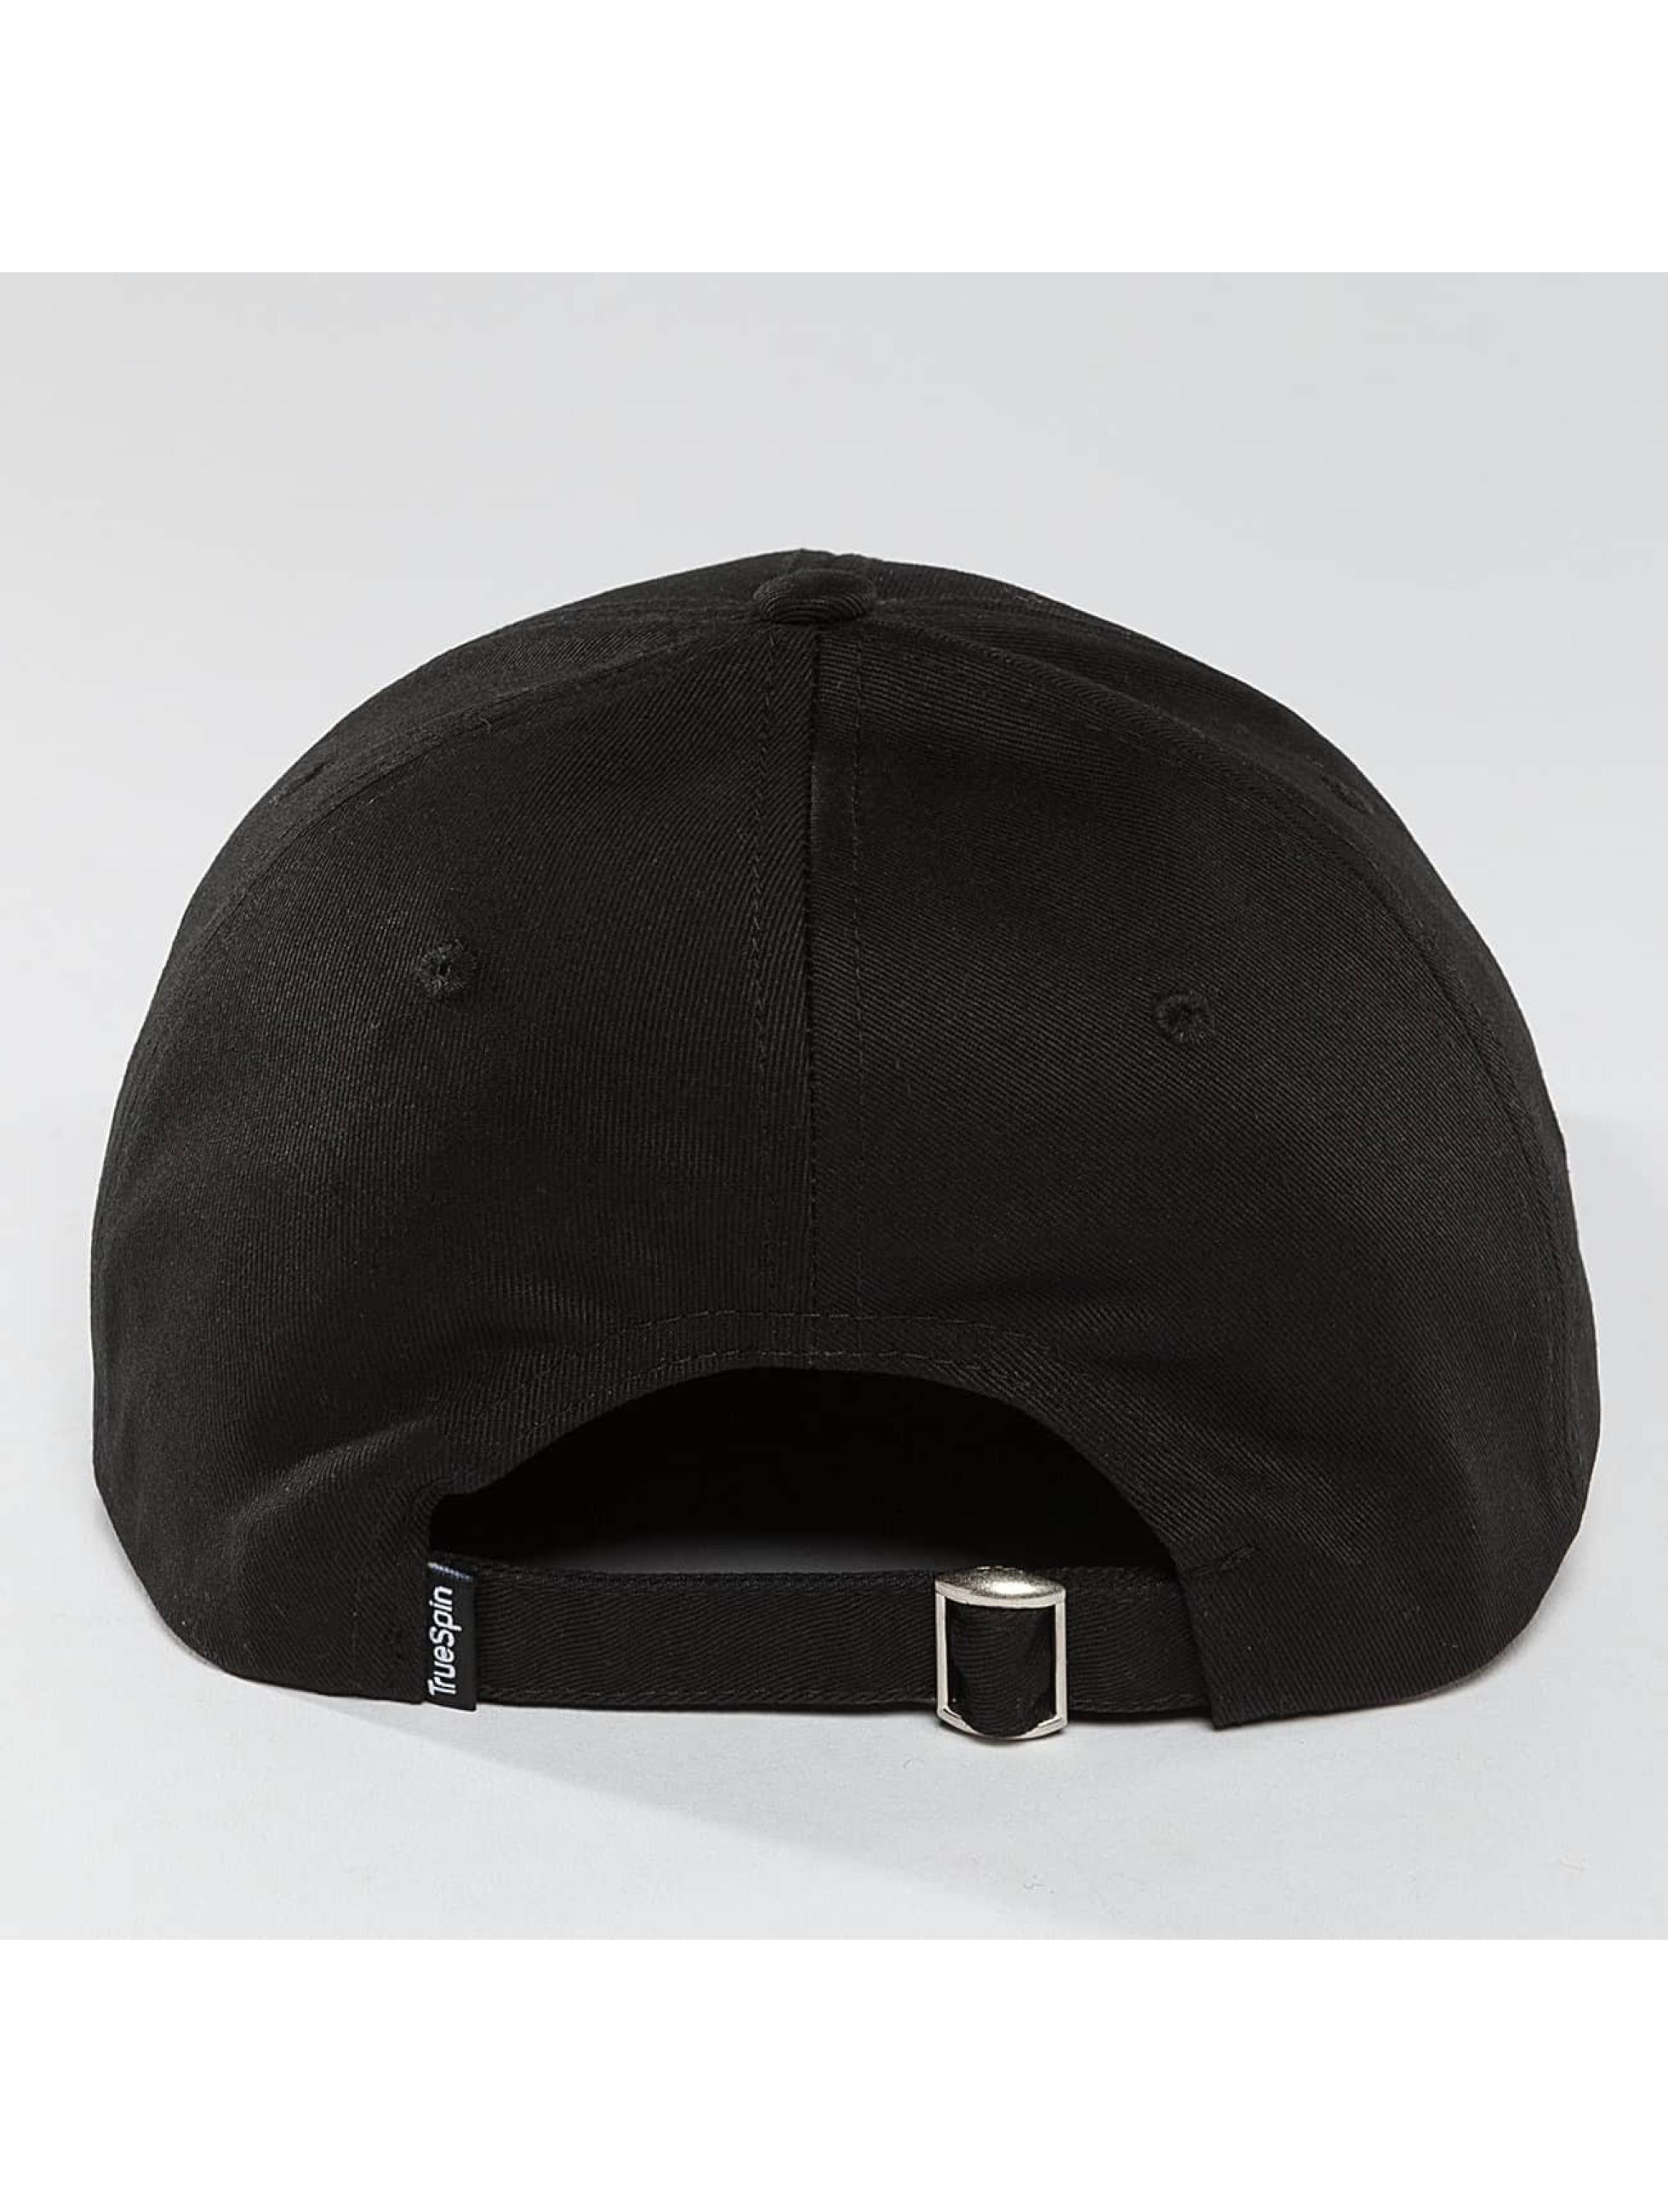 TrueSpin Casquette Snapback & Strapback SB50 noir